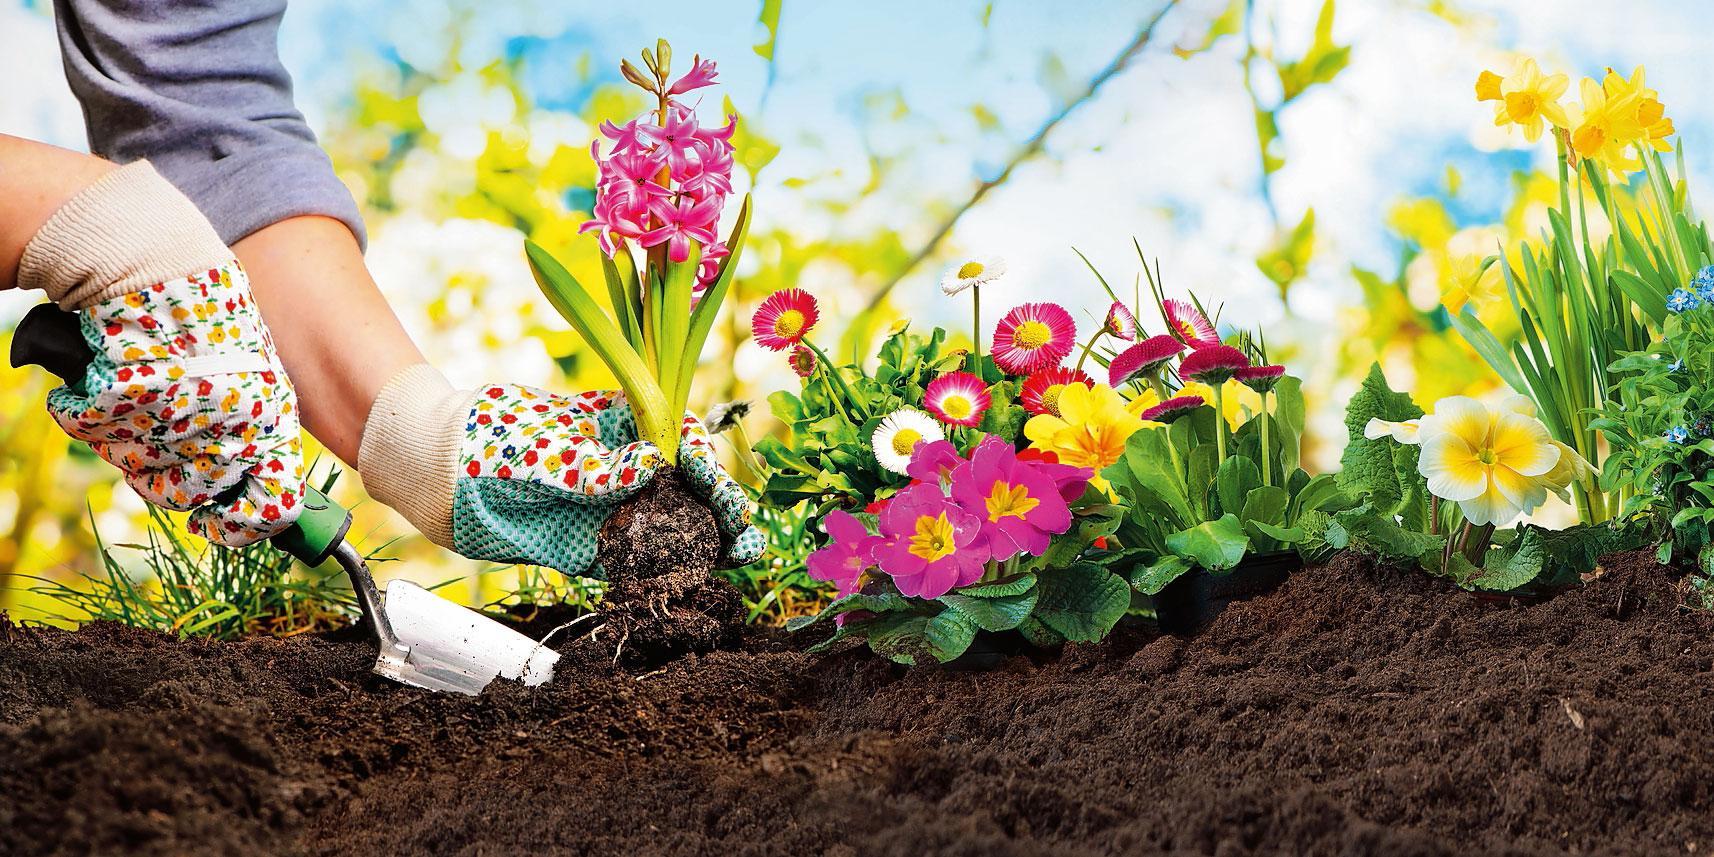 Fiori Da Vaso Perenni le piante per l'aiuola fiorita - cose di casa